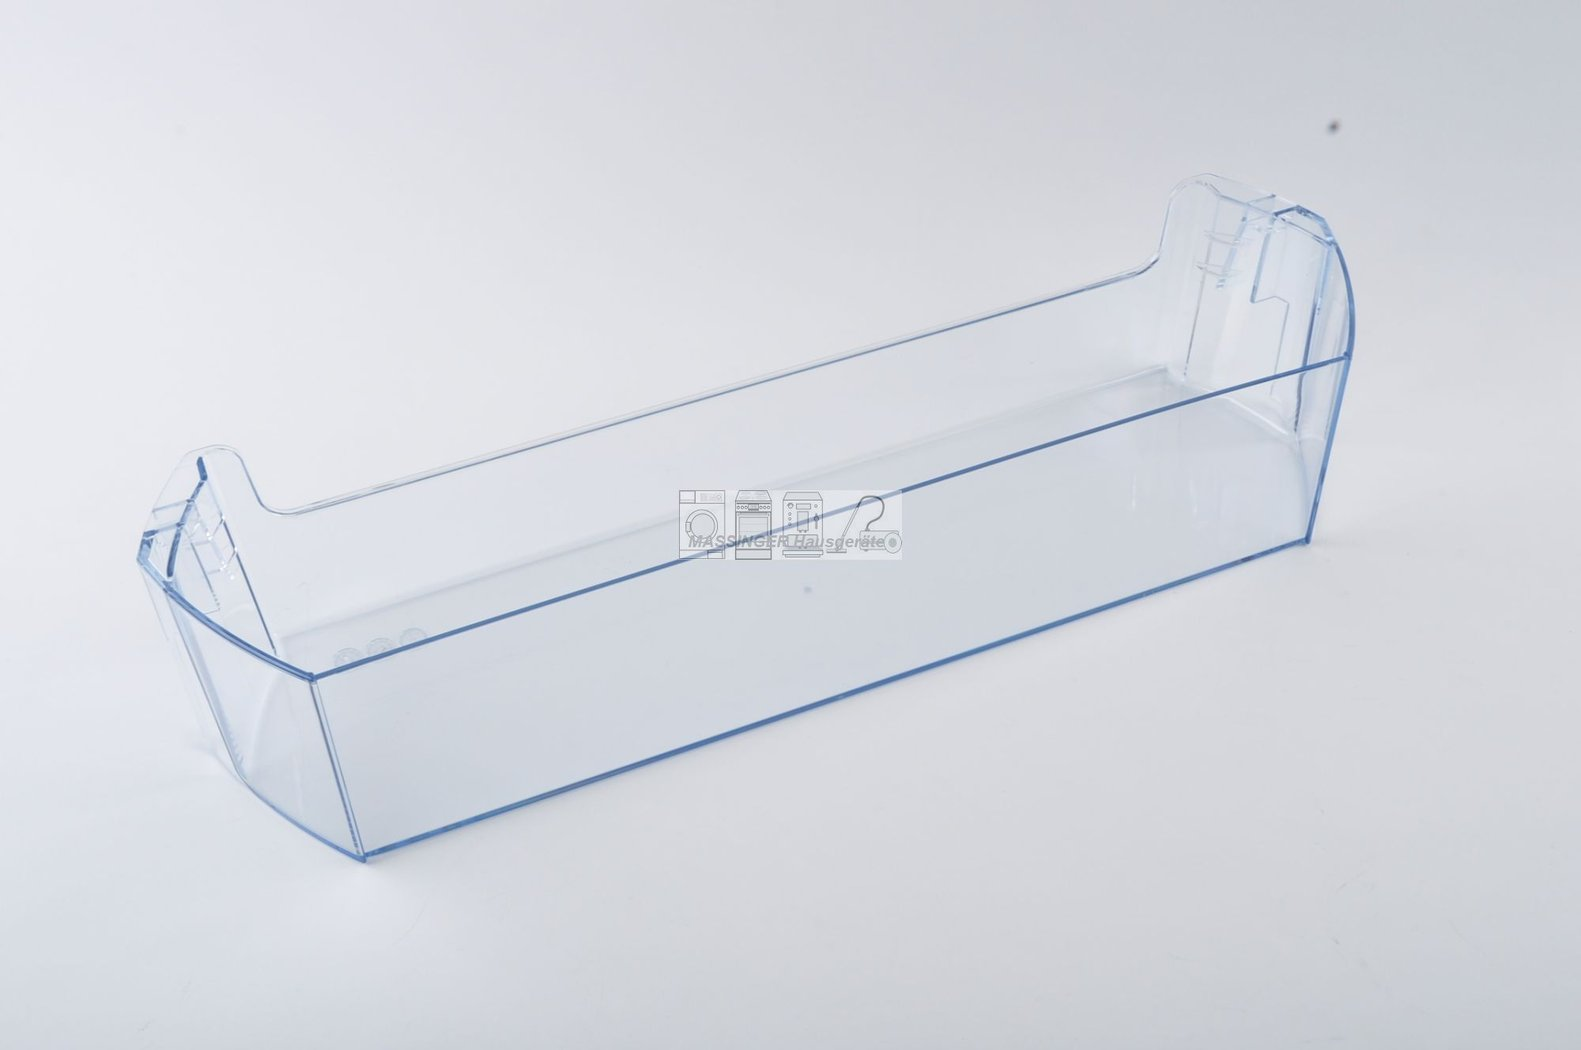 Gorenje Kühlschrank Hi 1526 Ersatzteile : Gorenje kühlschrank anleitung kühlschrank gorenje in baden